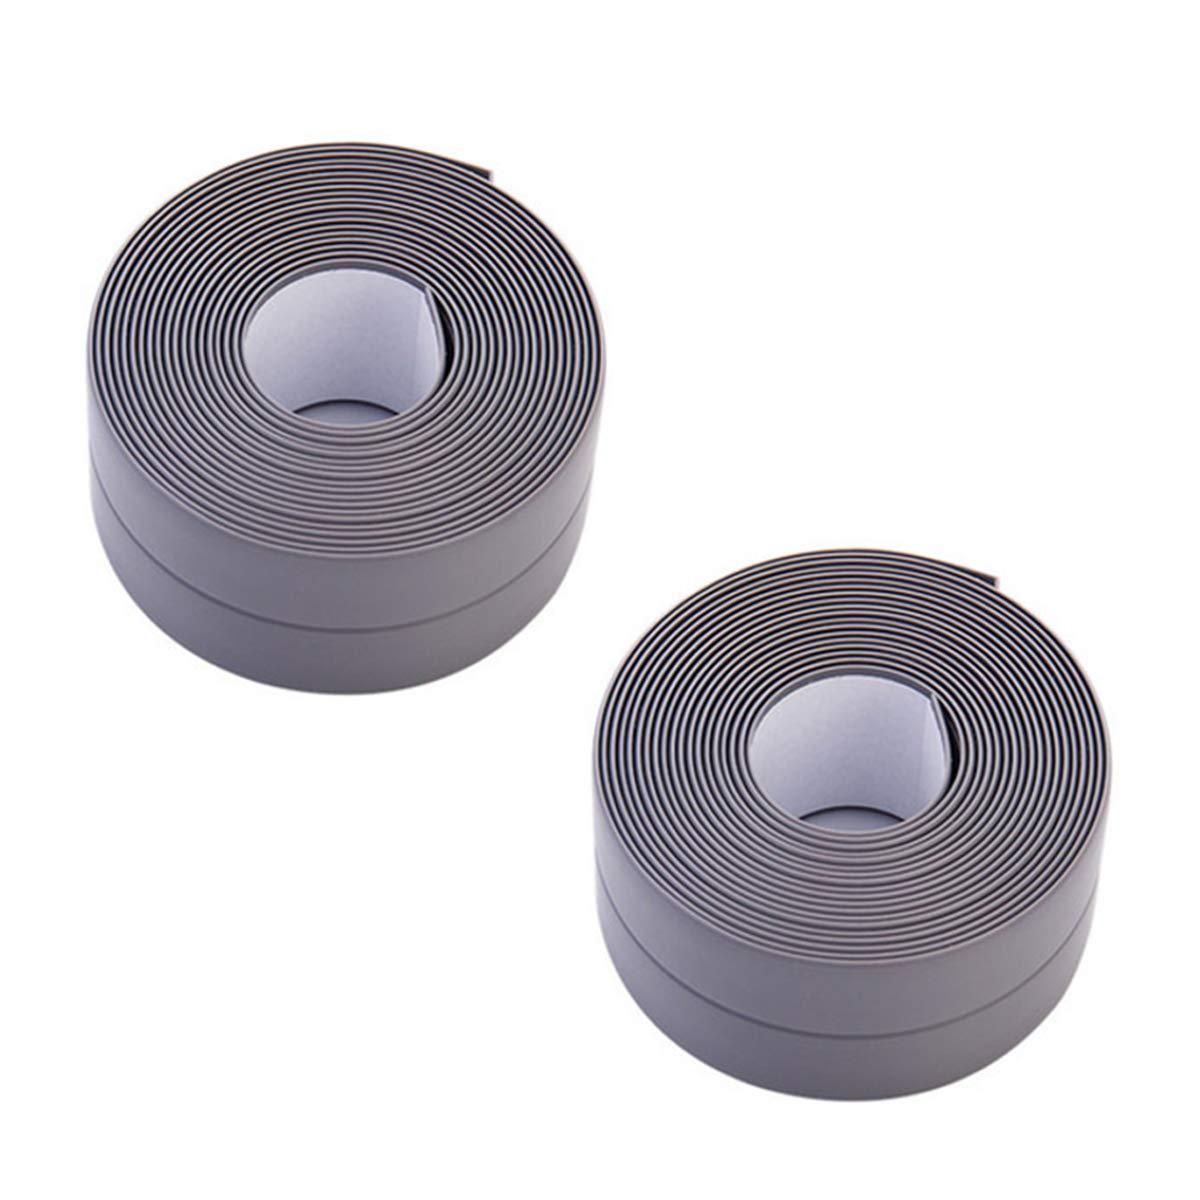 Donnagelia - Cinta autoadhesiva de PVC para sellado de pared para inodoro de cocina, de 320 cm x 3,8 cm, blanco